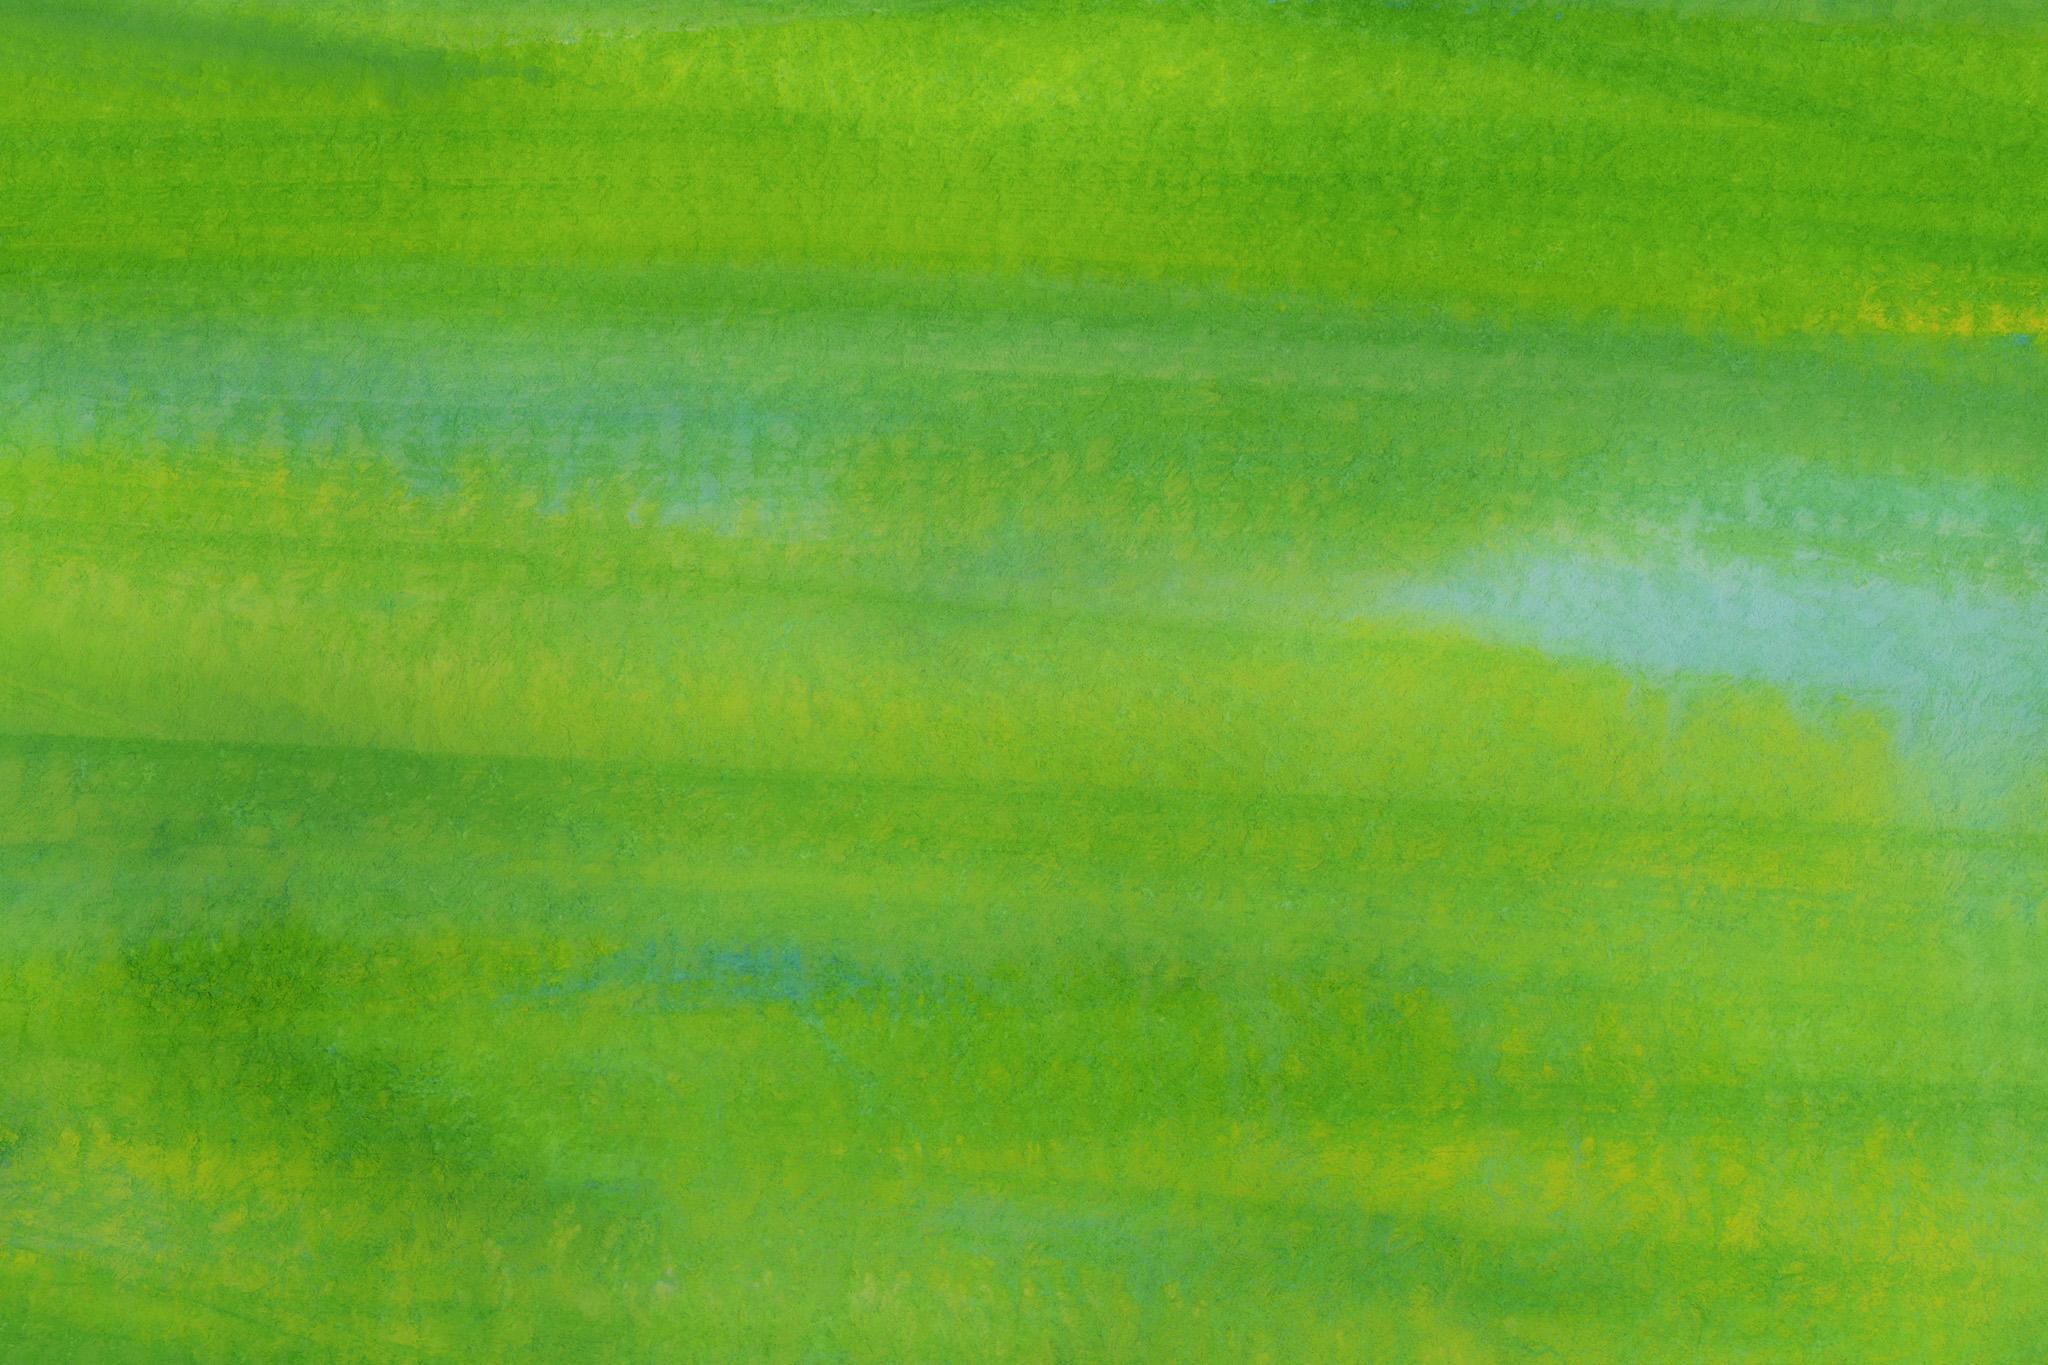 「ブラシで塗ったグリーンの水彩」